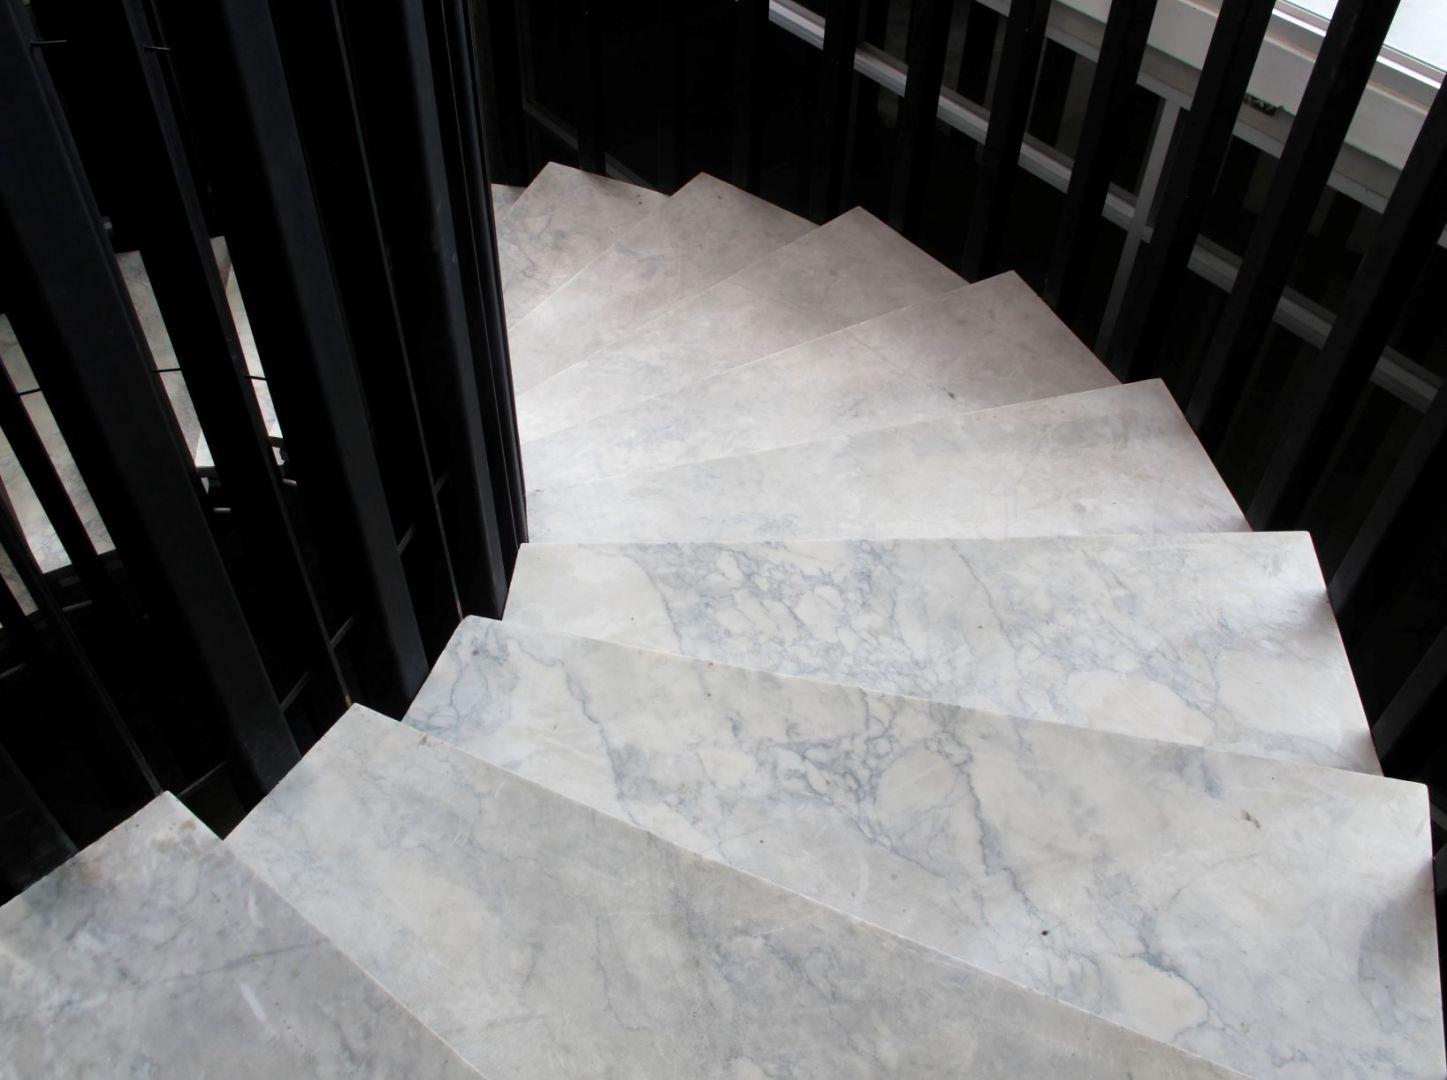 Kamień Bianco Carrara na schodach. Fot. Interstone